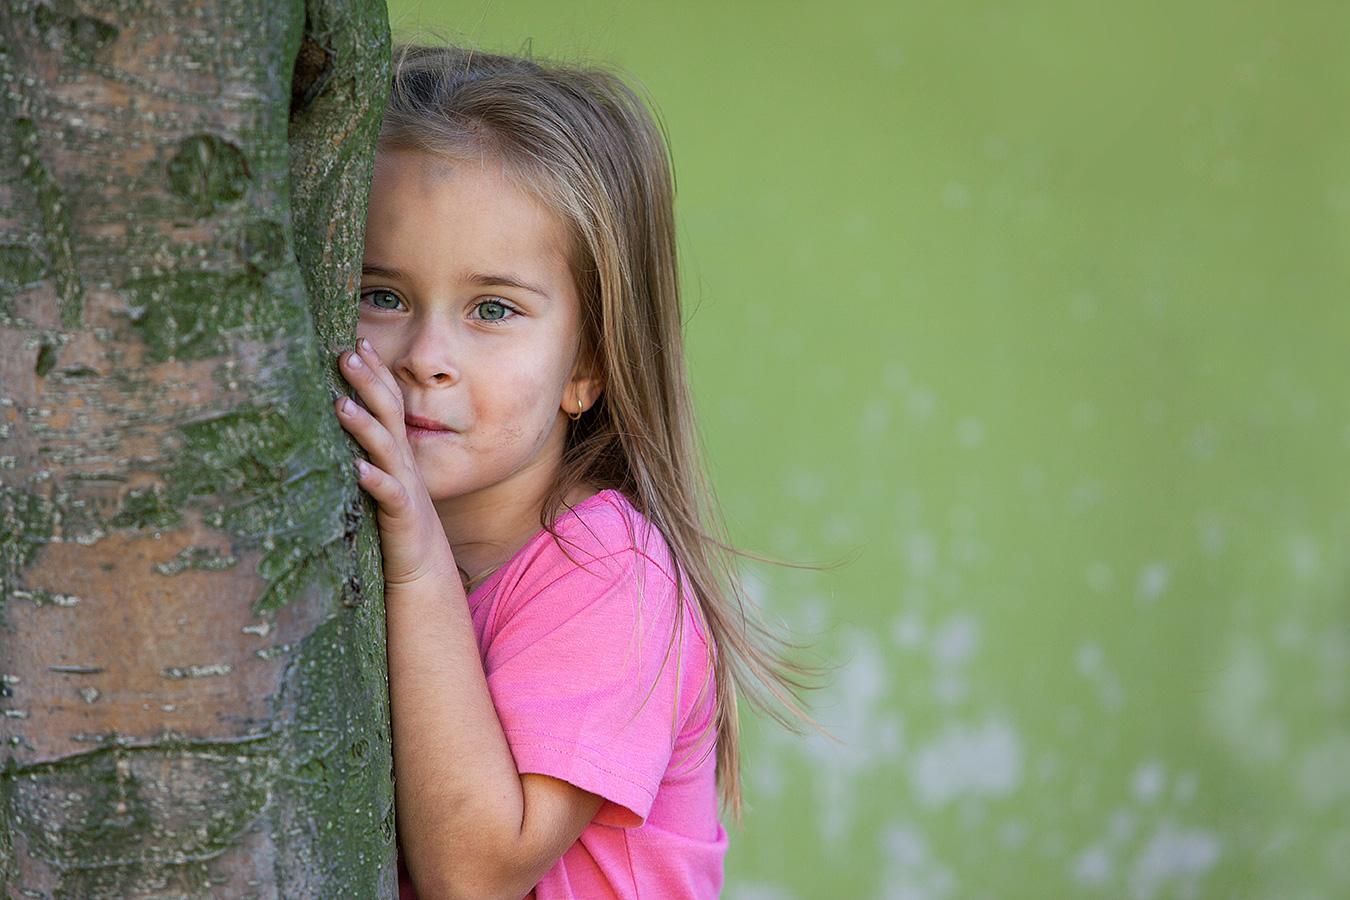 Fotografie eines Mädchens im rosa T-Shirt, hald hinter einem Baum versteckt und hervorlugend